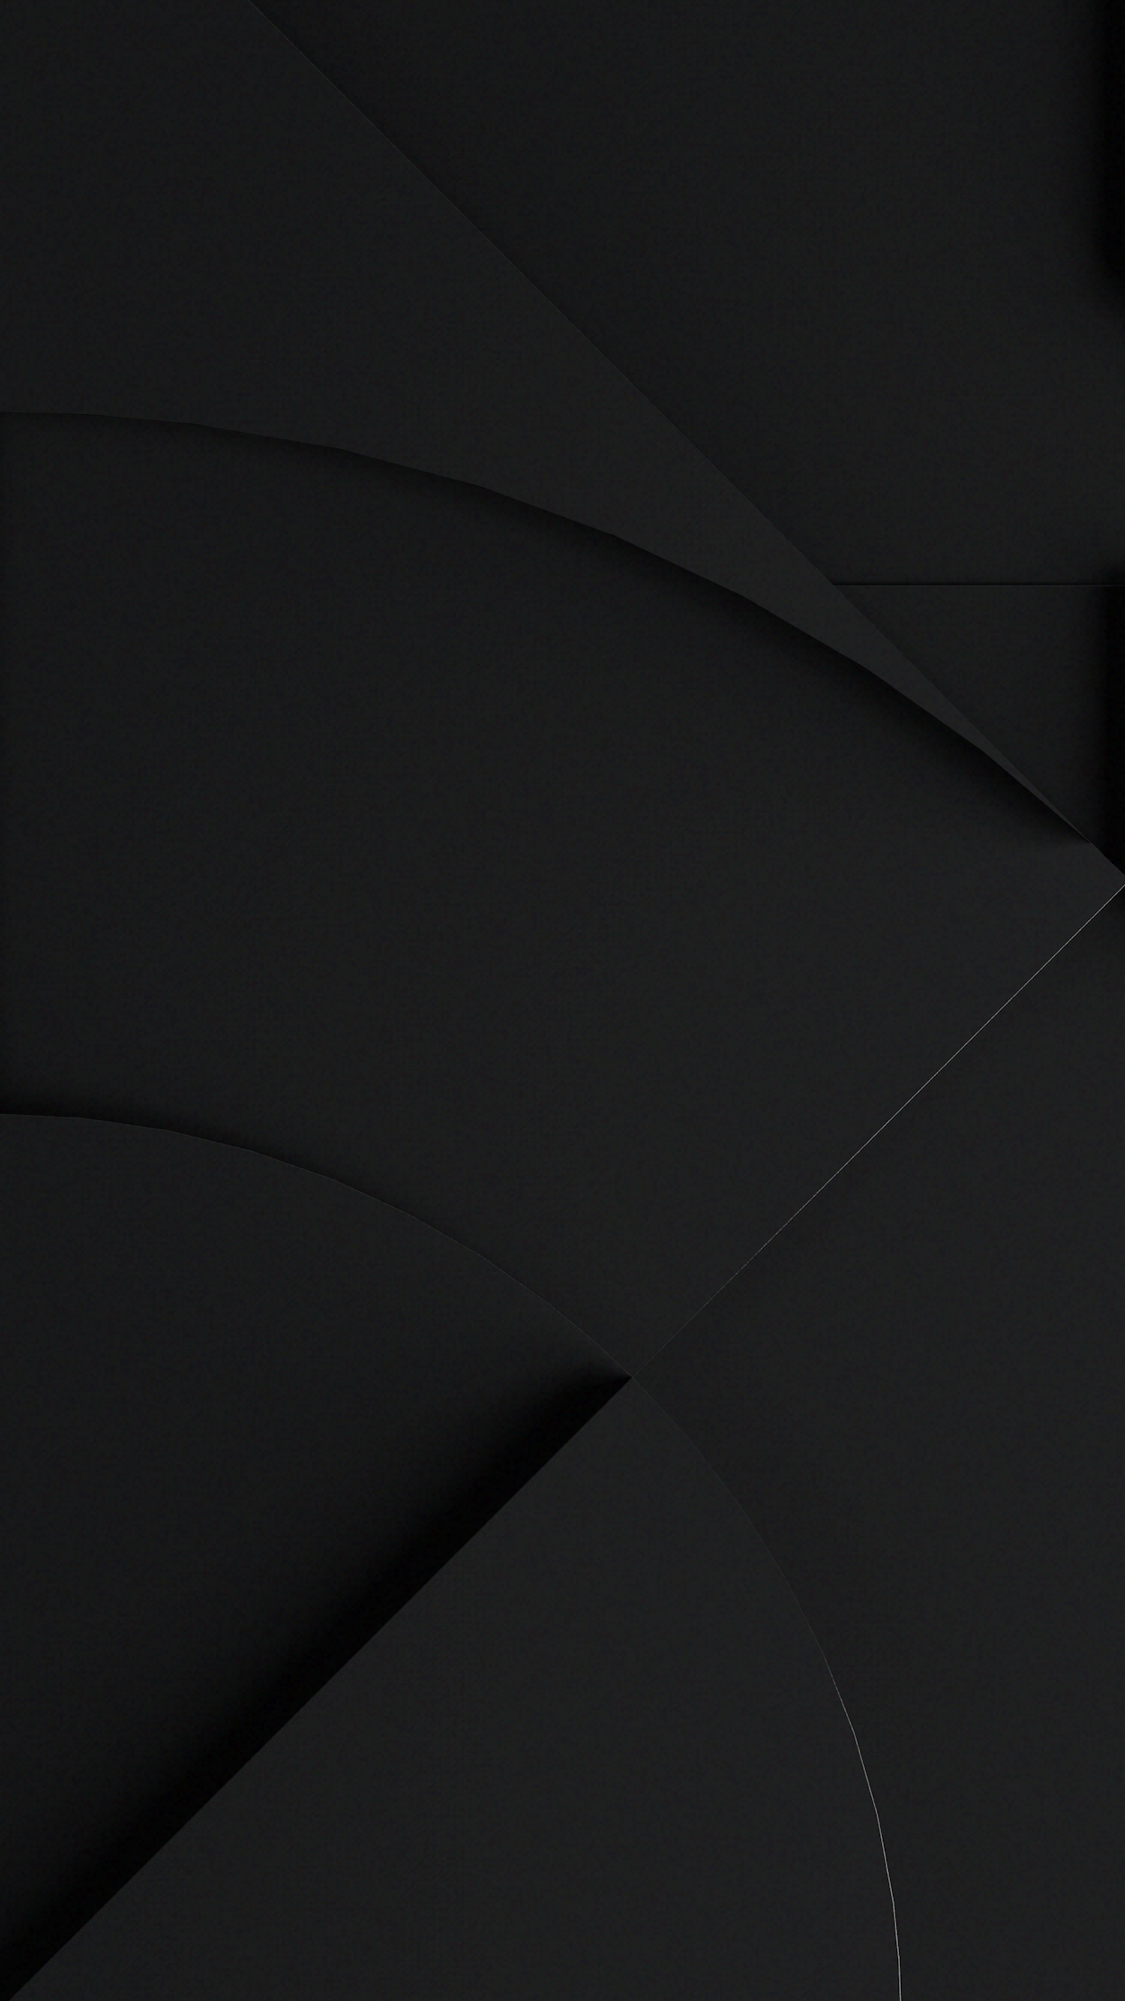 Piano Wallpaper Iphone Dark Geometric Wallpapers Pack